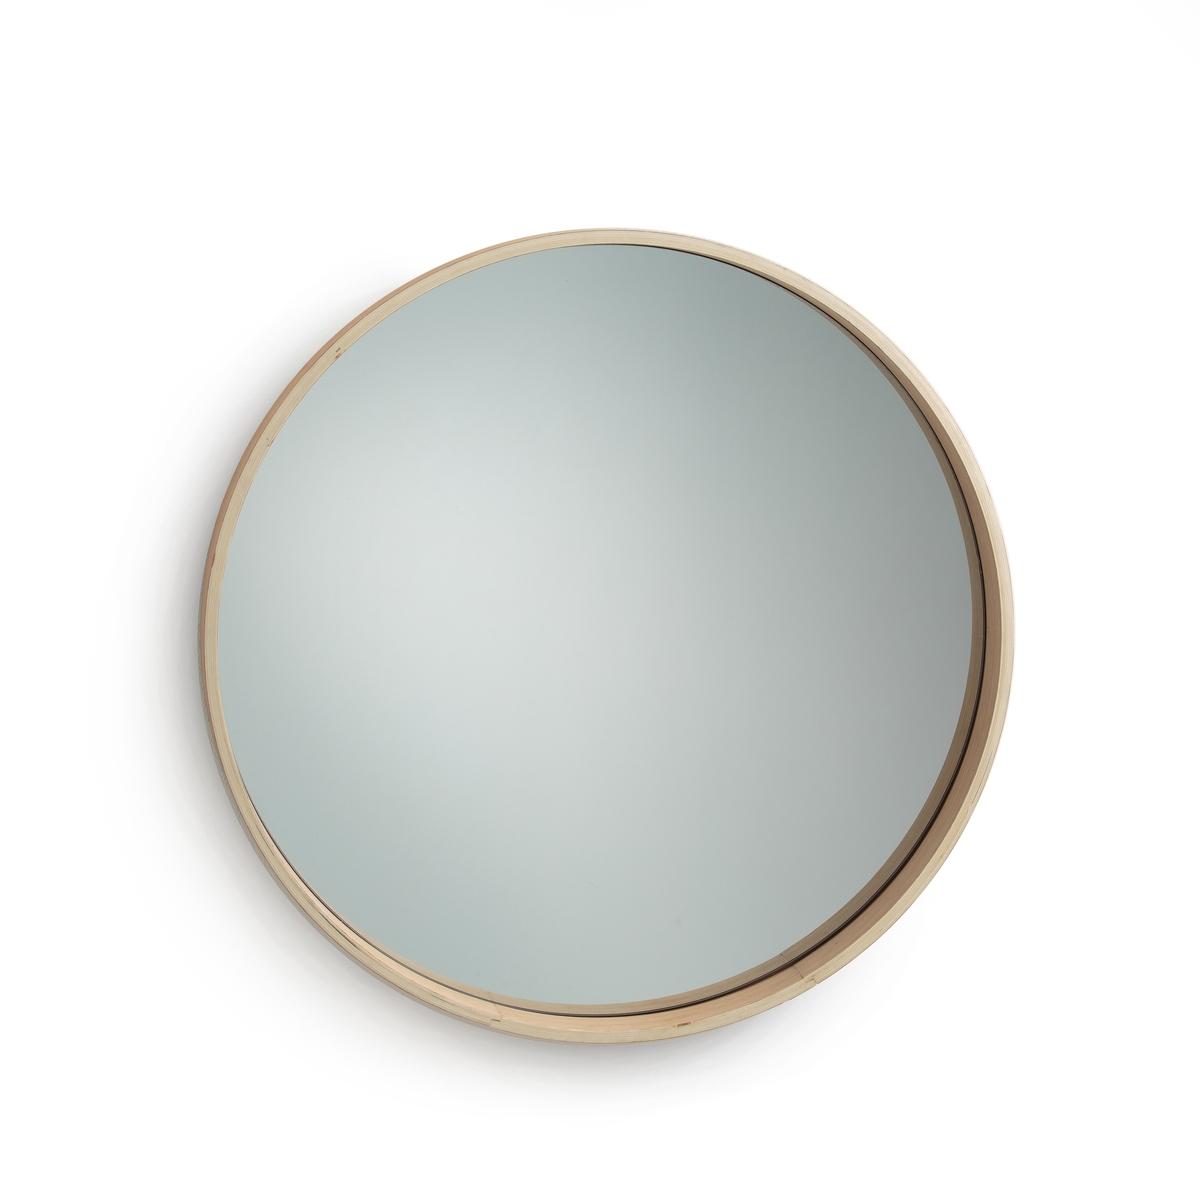 Зеркало круглое с отделкой из дуба, ALARIA